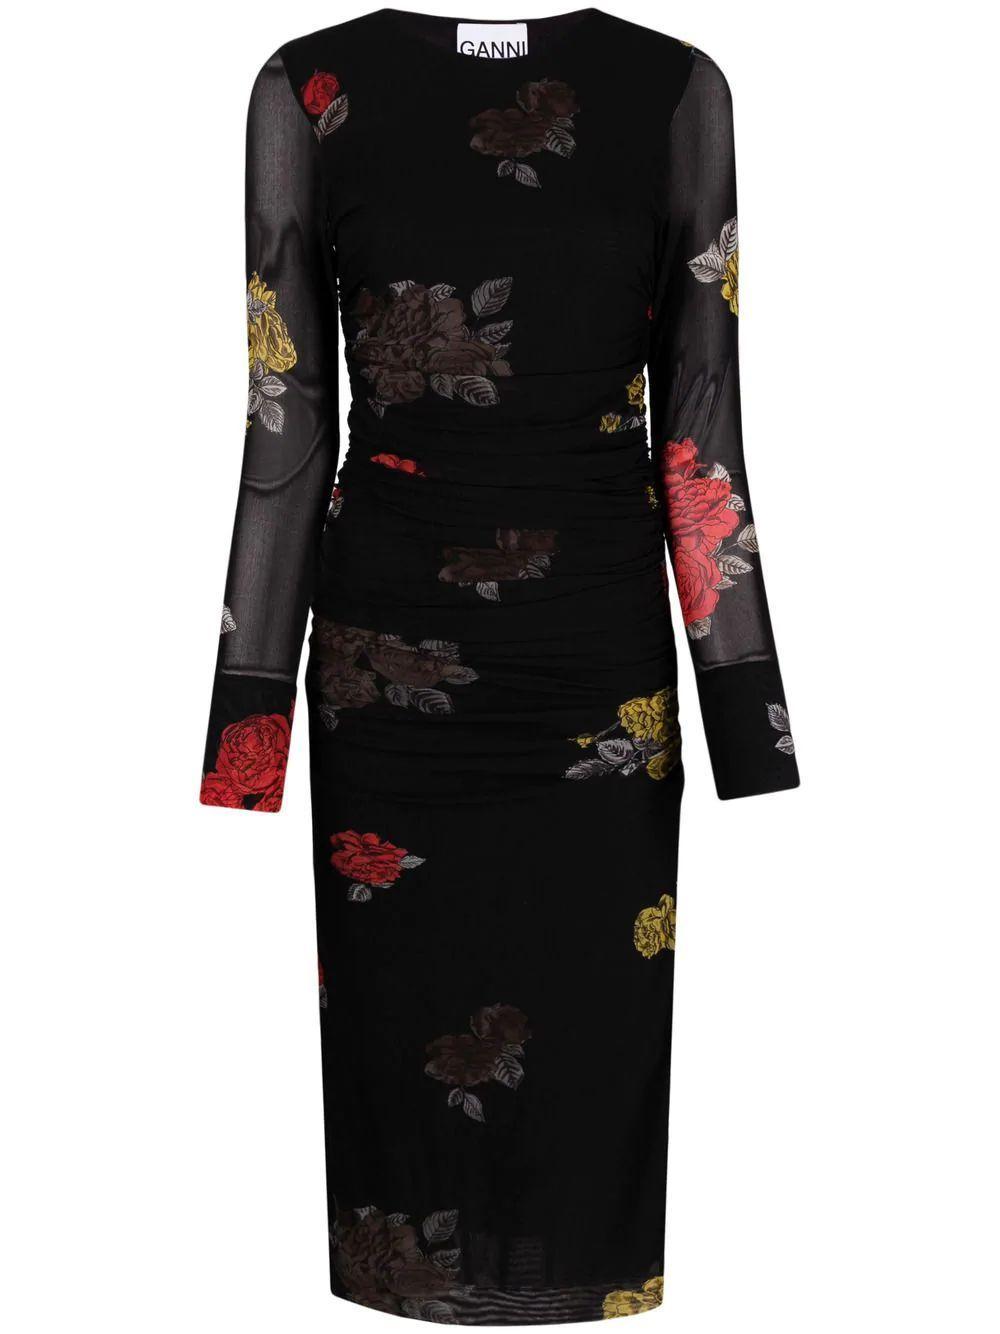 Floral Printed Mesh Dress Item # T2741